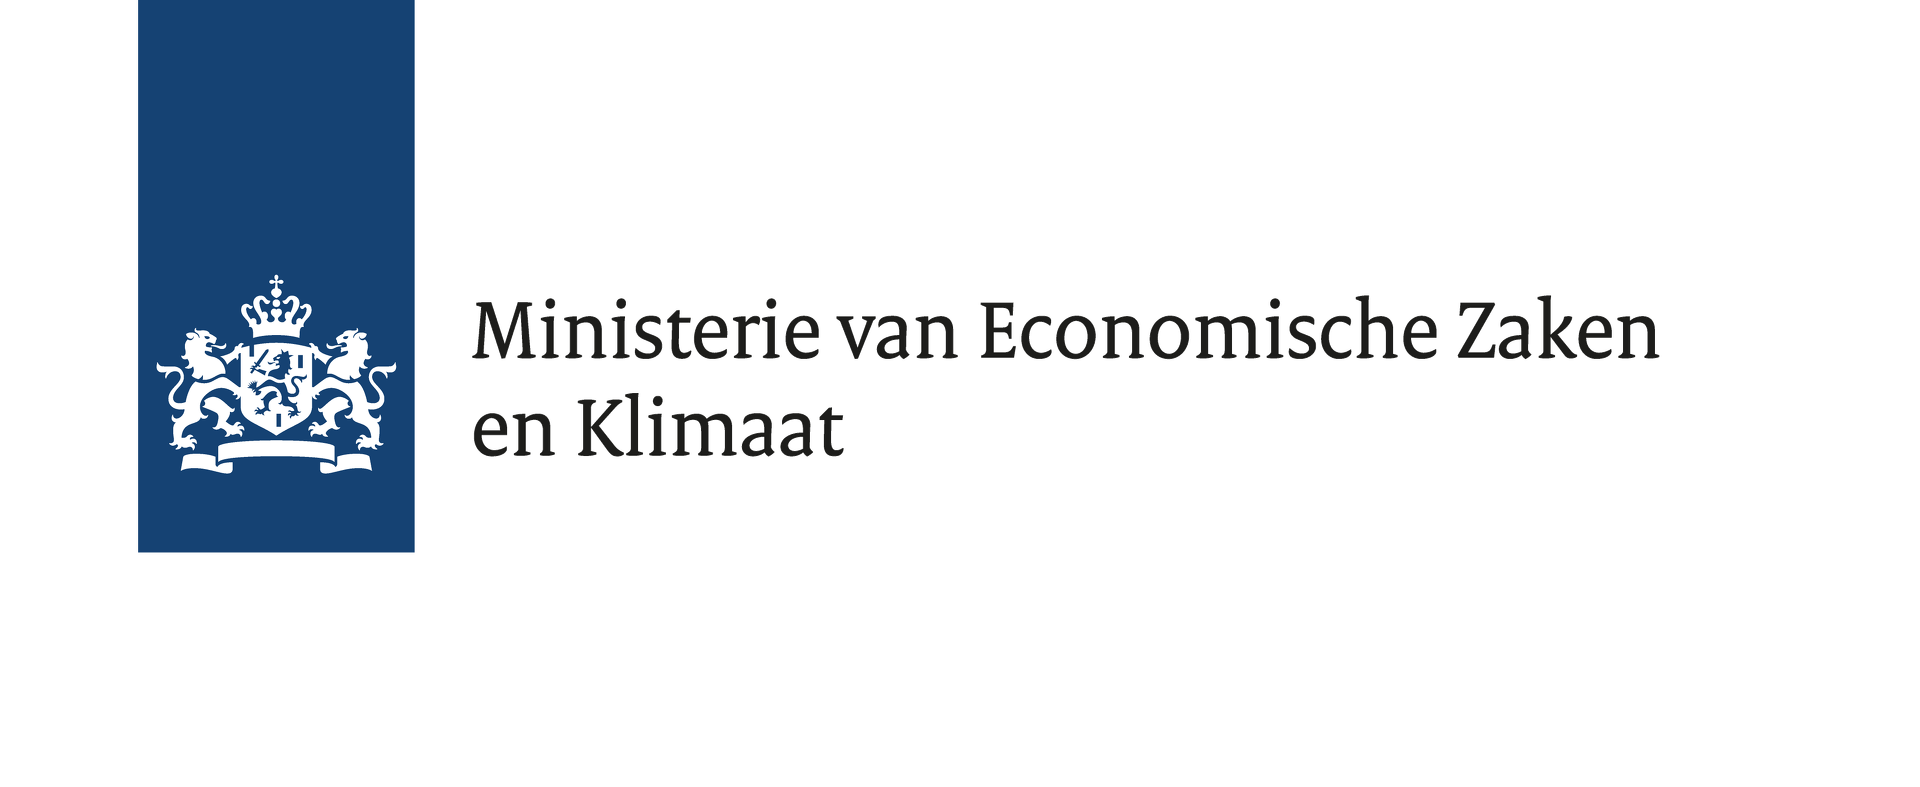 partoer_ministerie-economische-zaken-en-klimaat_logo.png